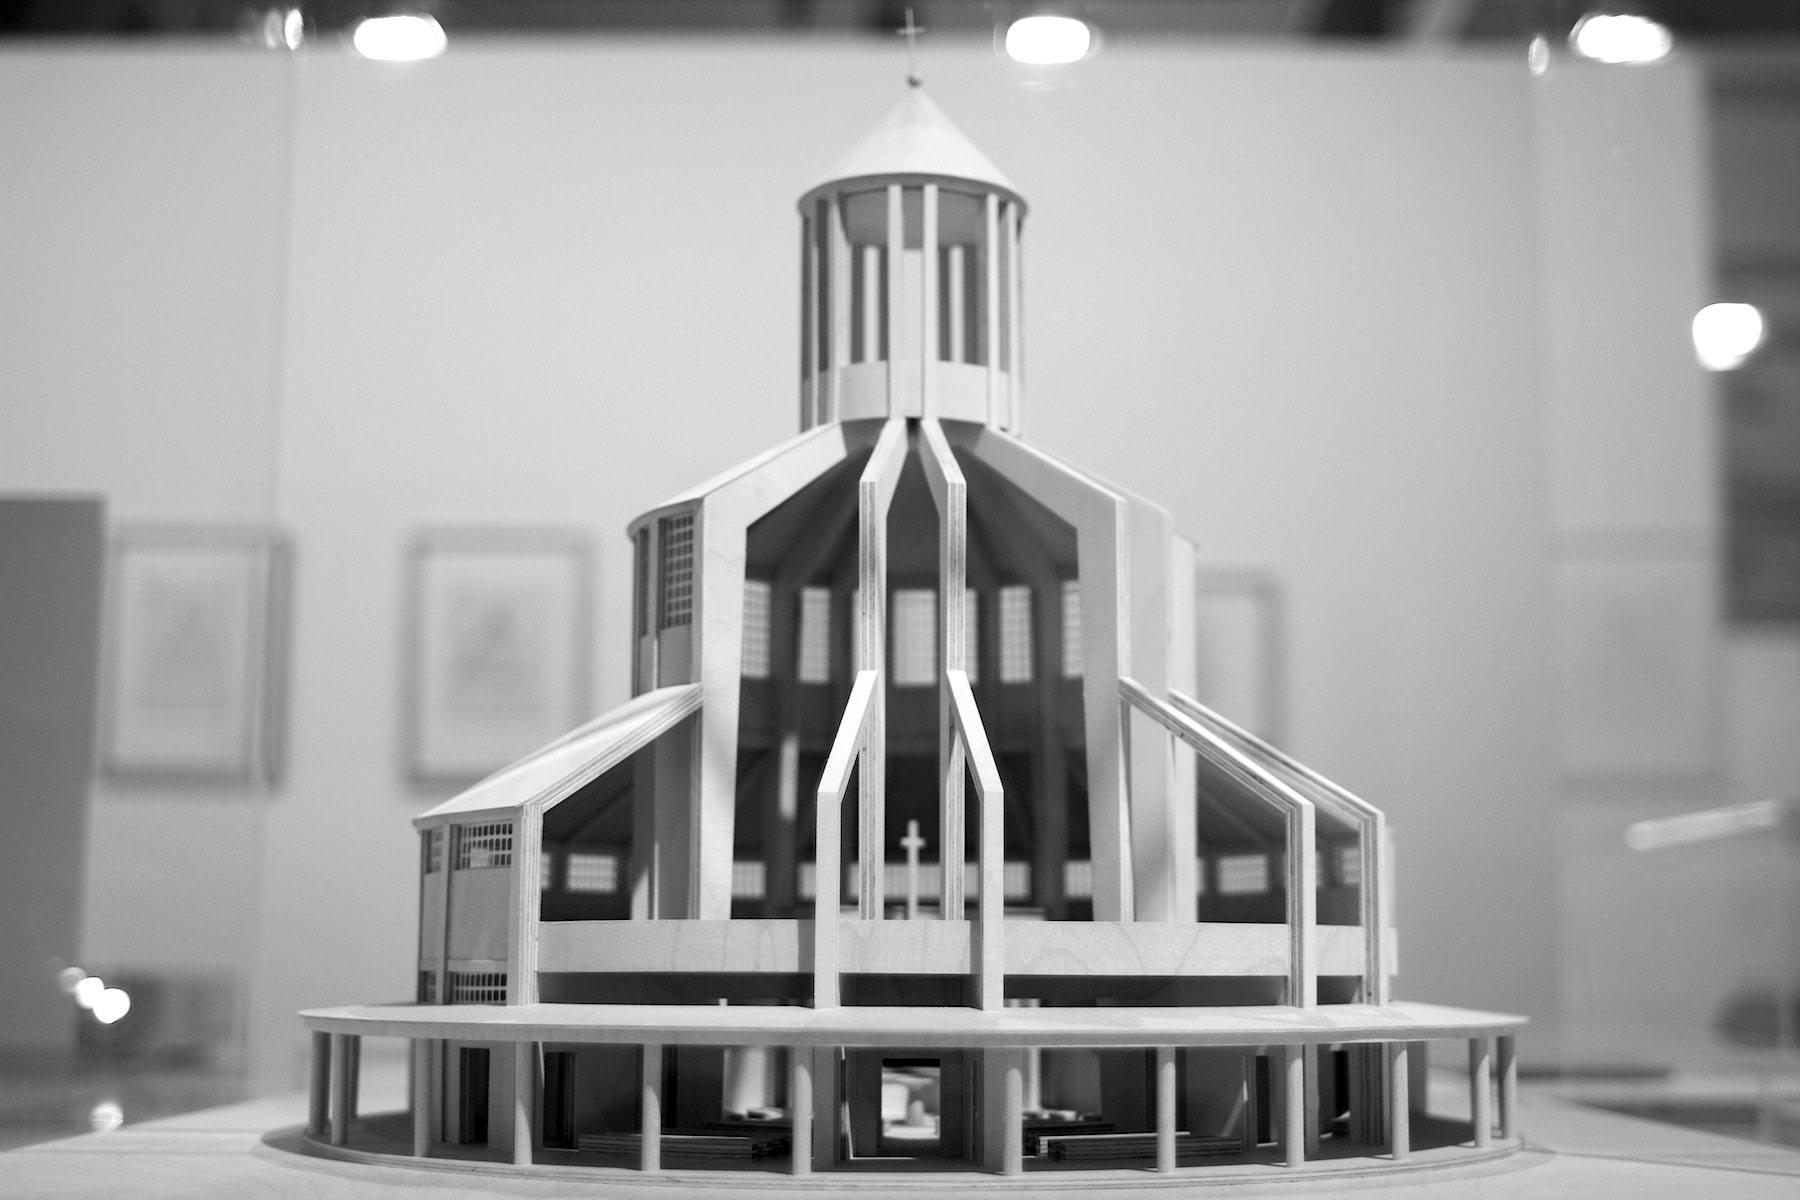 Otto Bartning, Auferstehungskirche, Essen, 1930.  Modell, 2006, Andrea Jensen, Stiftung Deutsches Historisches Museum